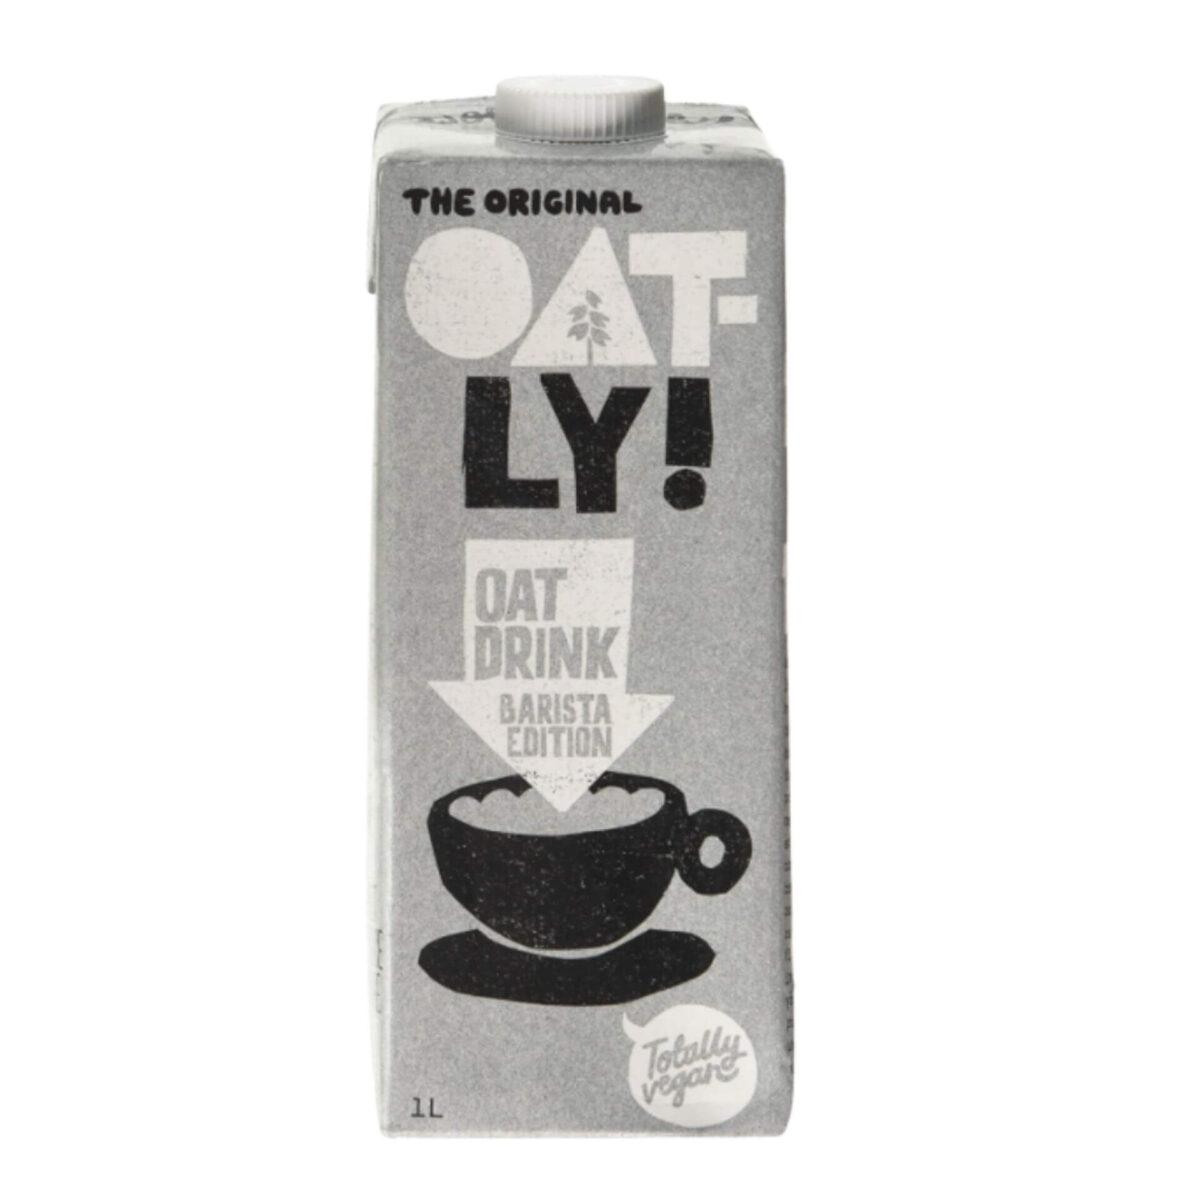 oatly-oat-drink-foamable-barista-edition-1-litre-603935-2